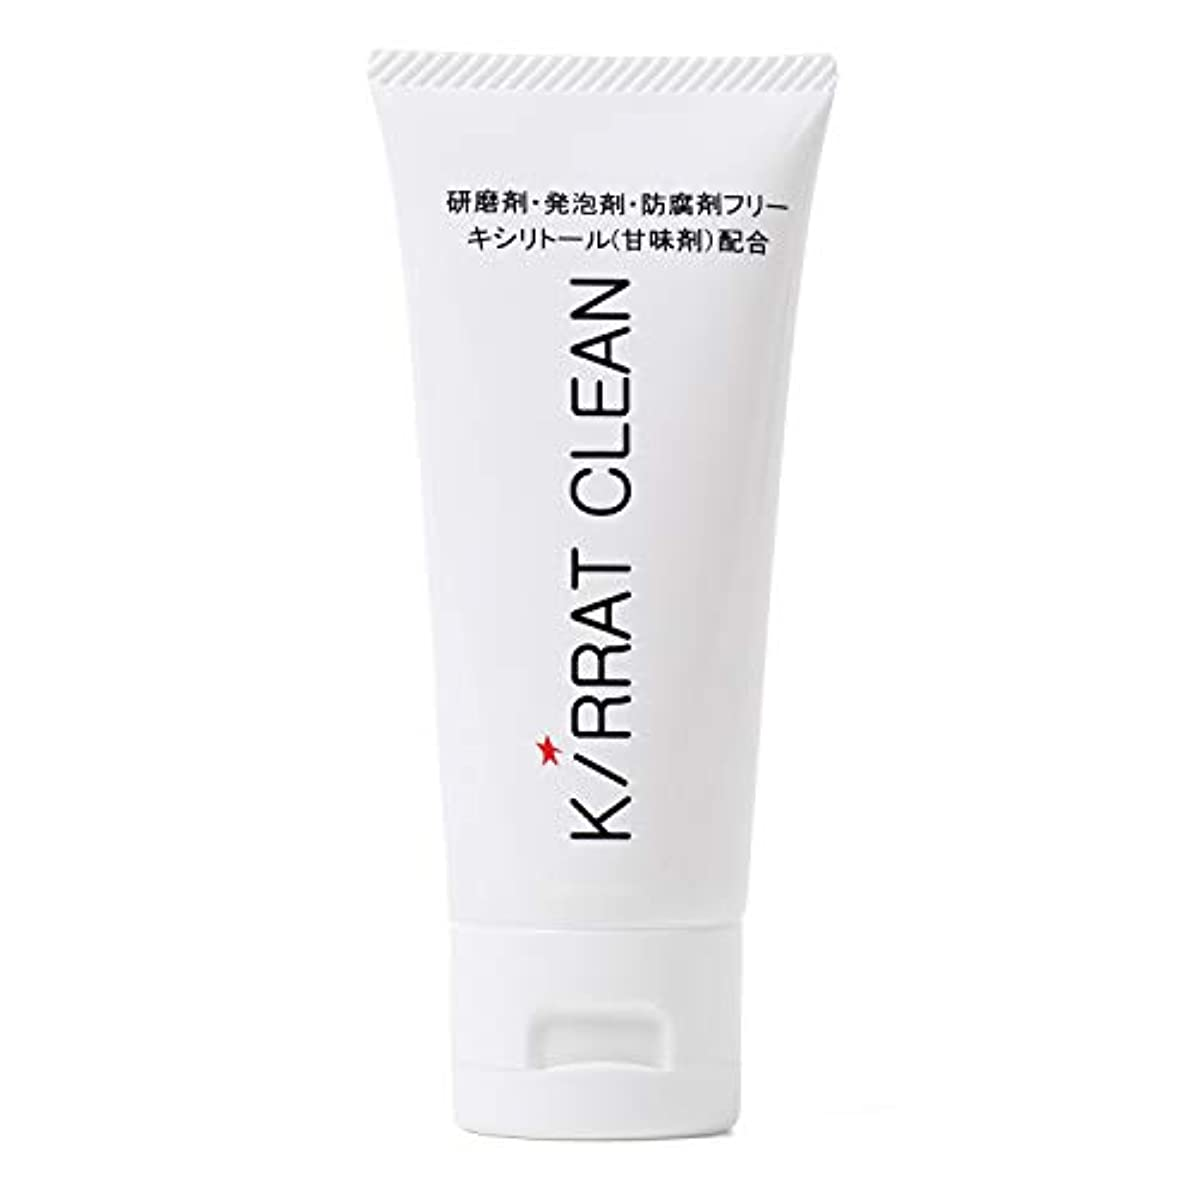 書士繊維製品YUZO 歯磨き粉 キラットクリーン 60g 研磨剤 発泡剤 防腐剤フリー